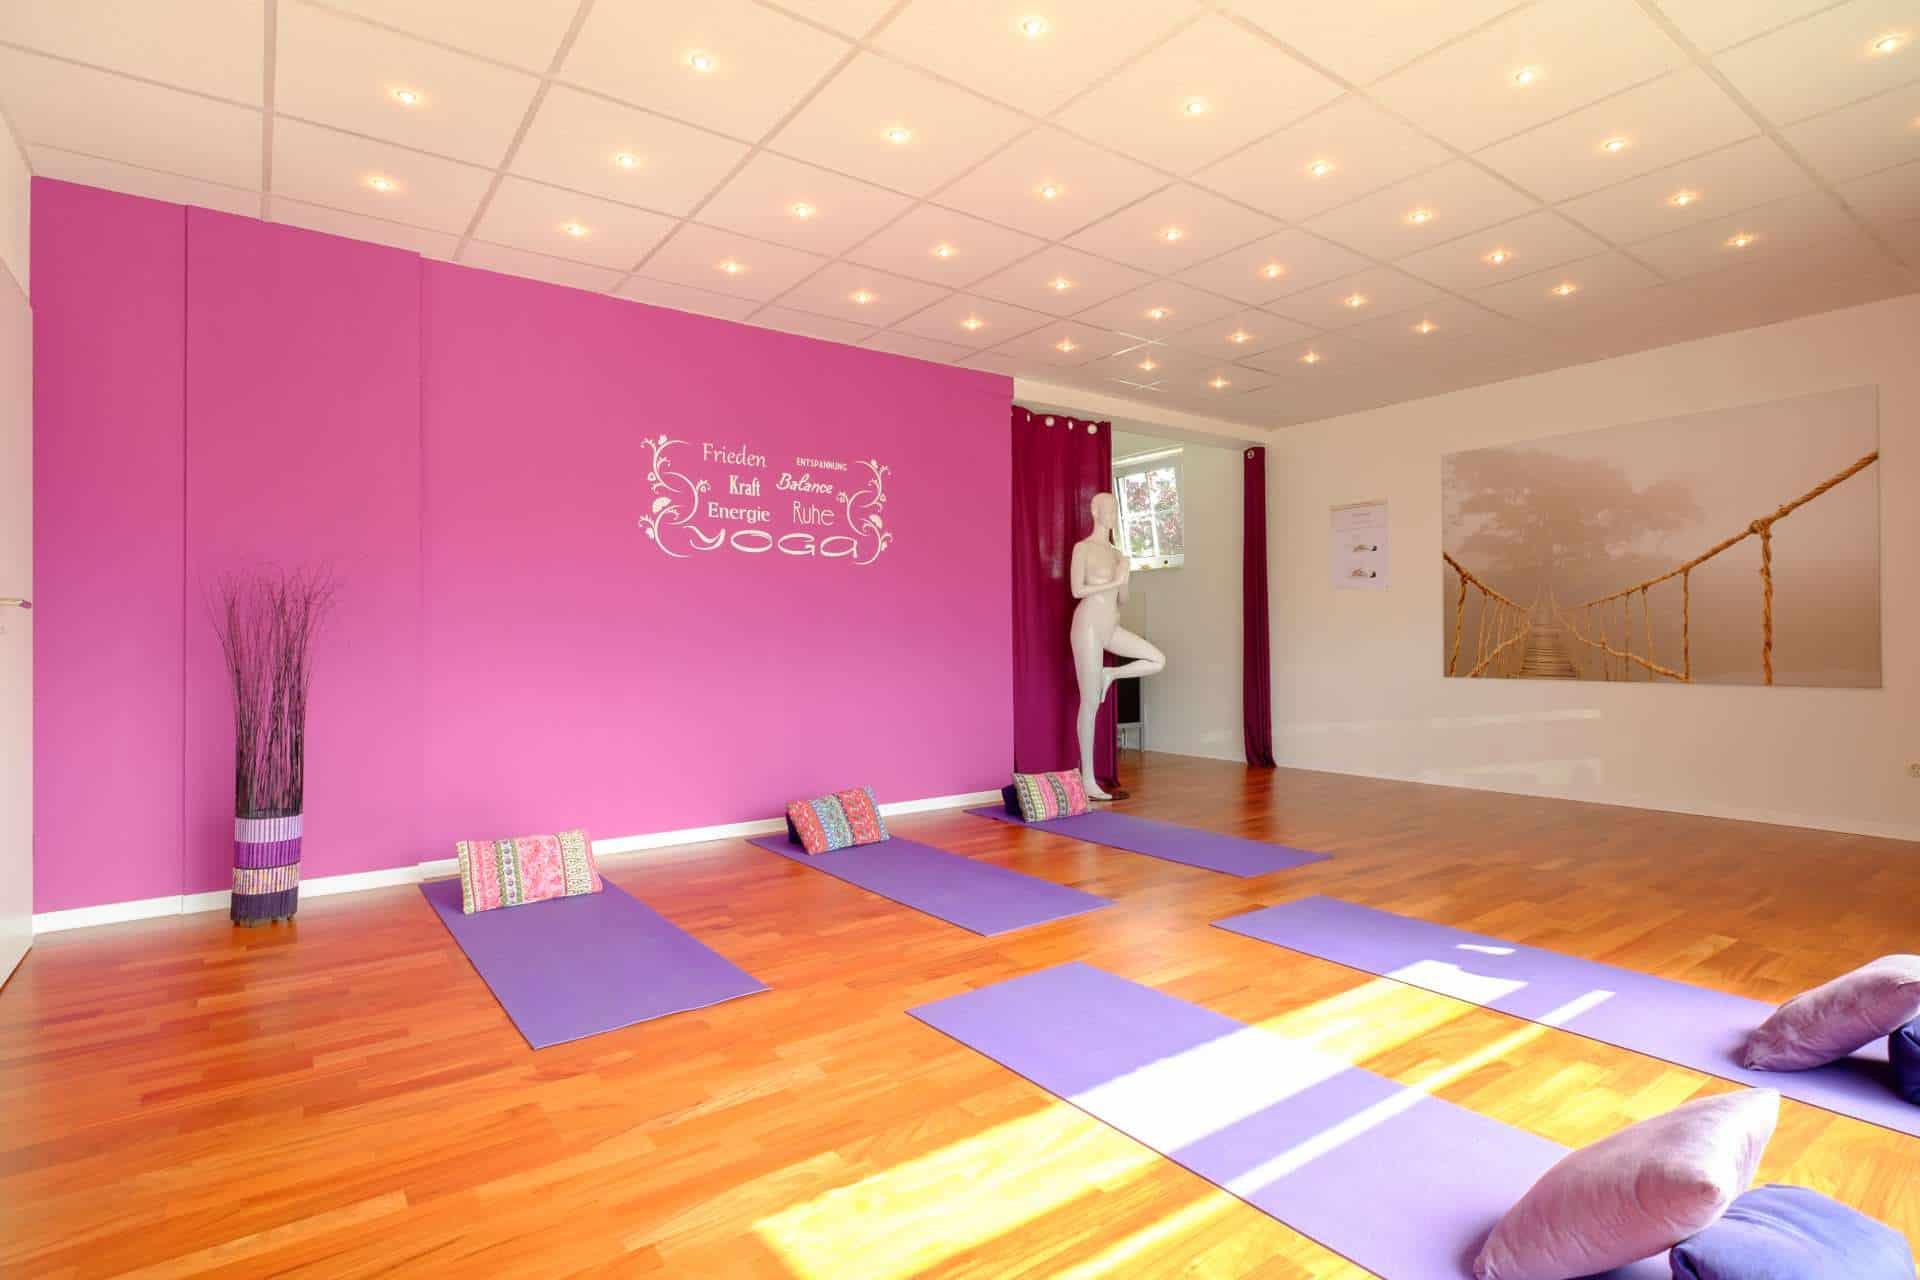 blog startseite tripada blog f r gesundheit und yoga. Black Bedroom Furniture Sets. Home Design Ideas